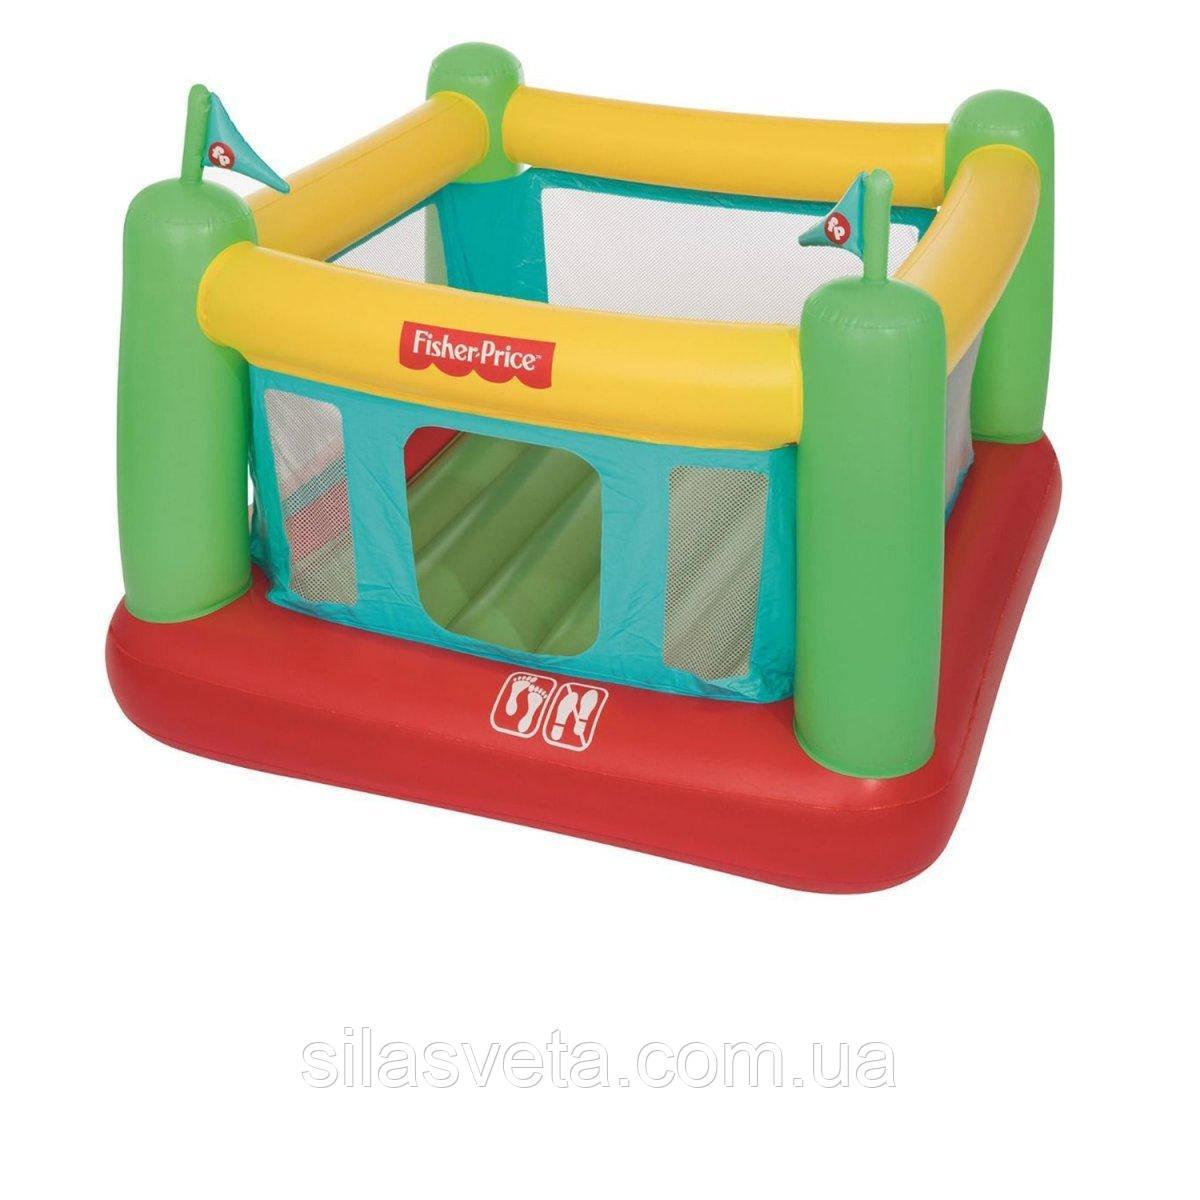 Детский игровой центр-батут со встроенным насосом, Bestway 93533 (175х173х135 см.) + 50 шариков.